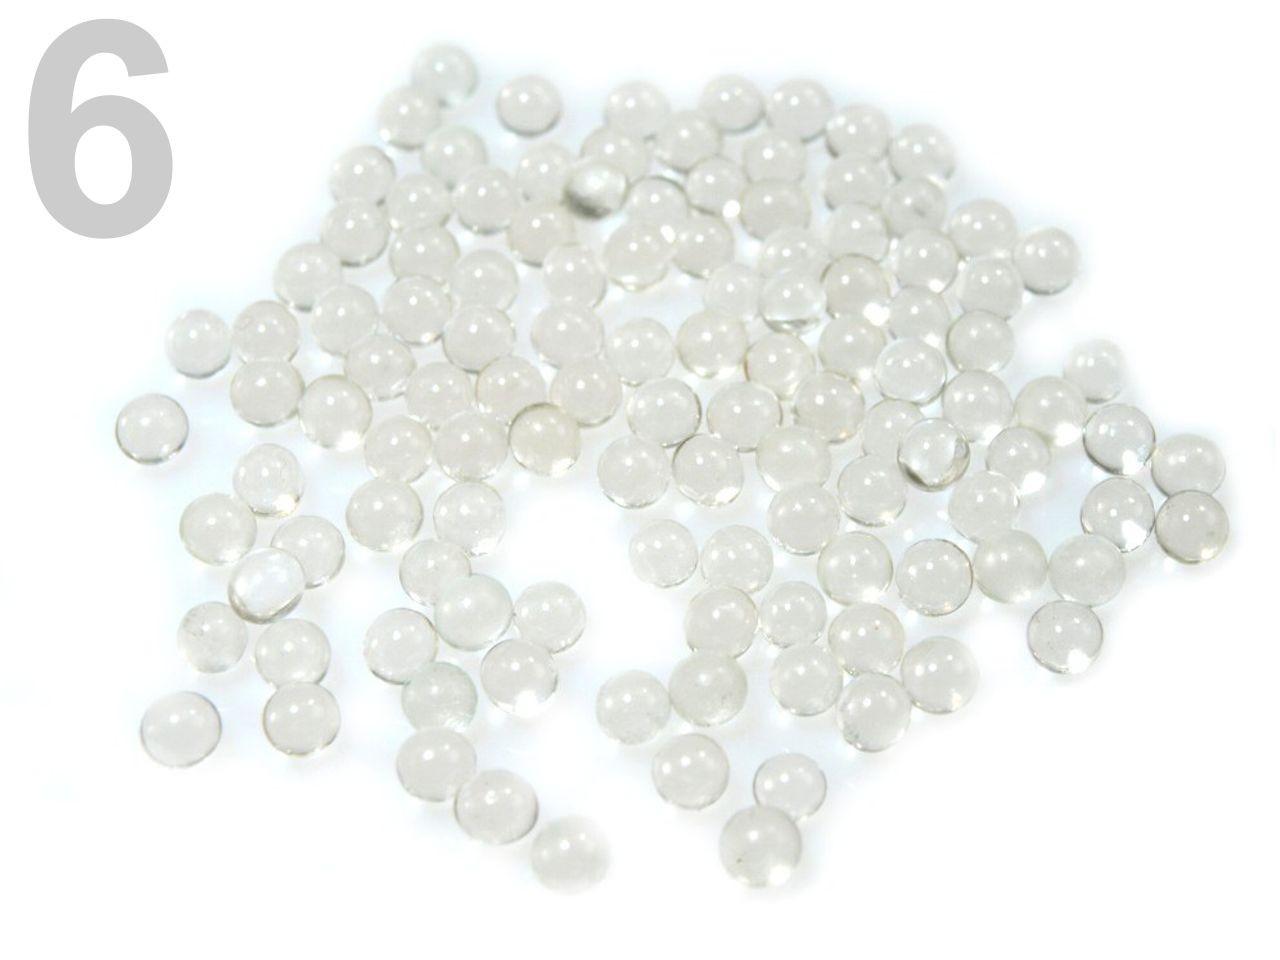 Vodní perly - gelové kuličky do vázy cca 4g CRYSTAL SOILS 100sáček - 11 Kč / sáček 6 transparent